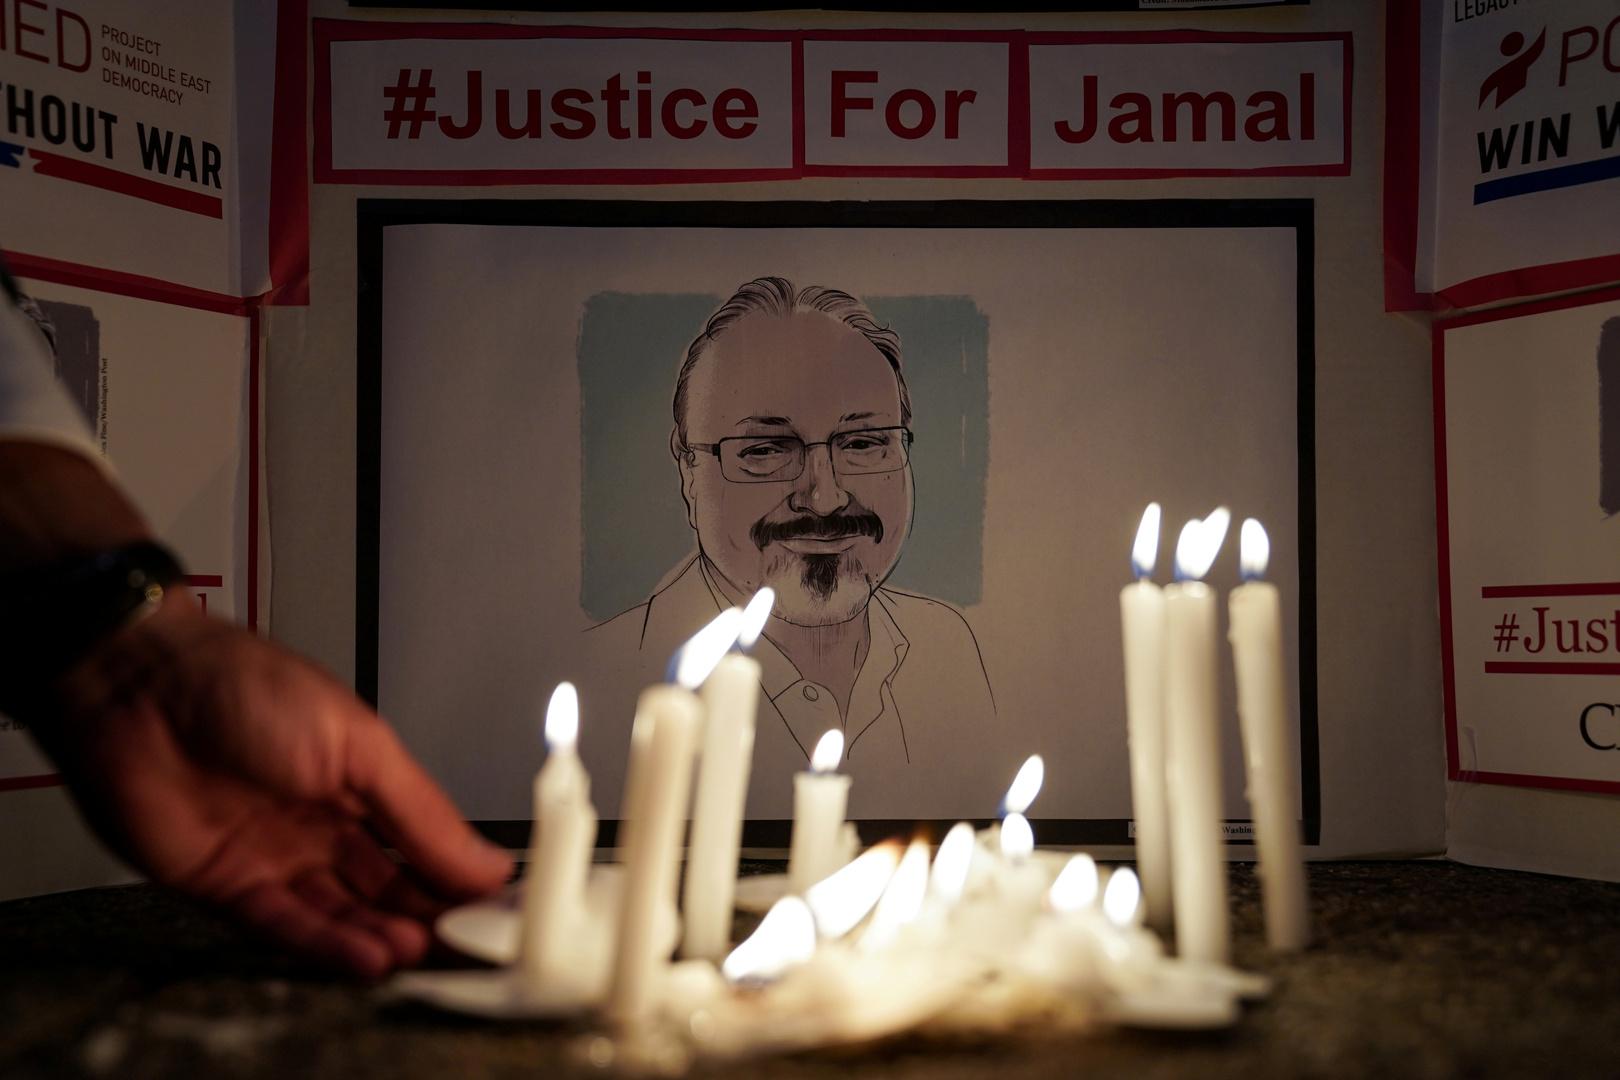 لندن تفرض عقوبات على 20 سعوديا على خلفية مقتل خاشقجي